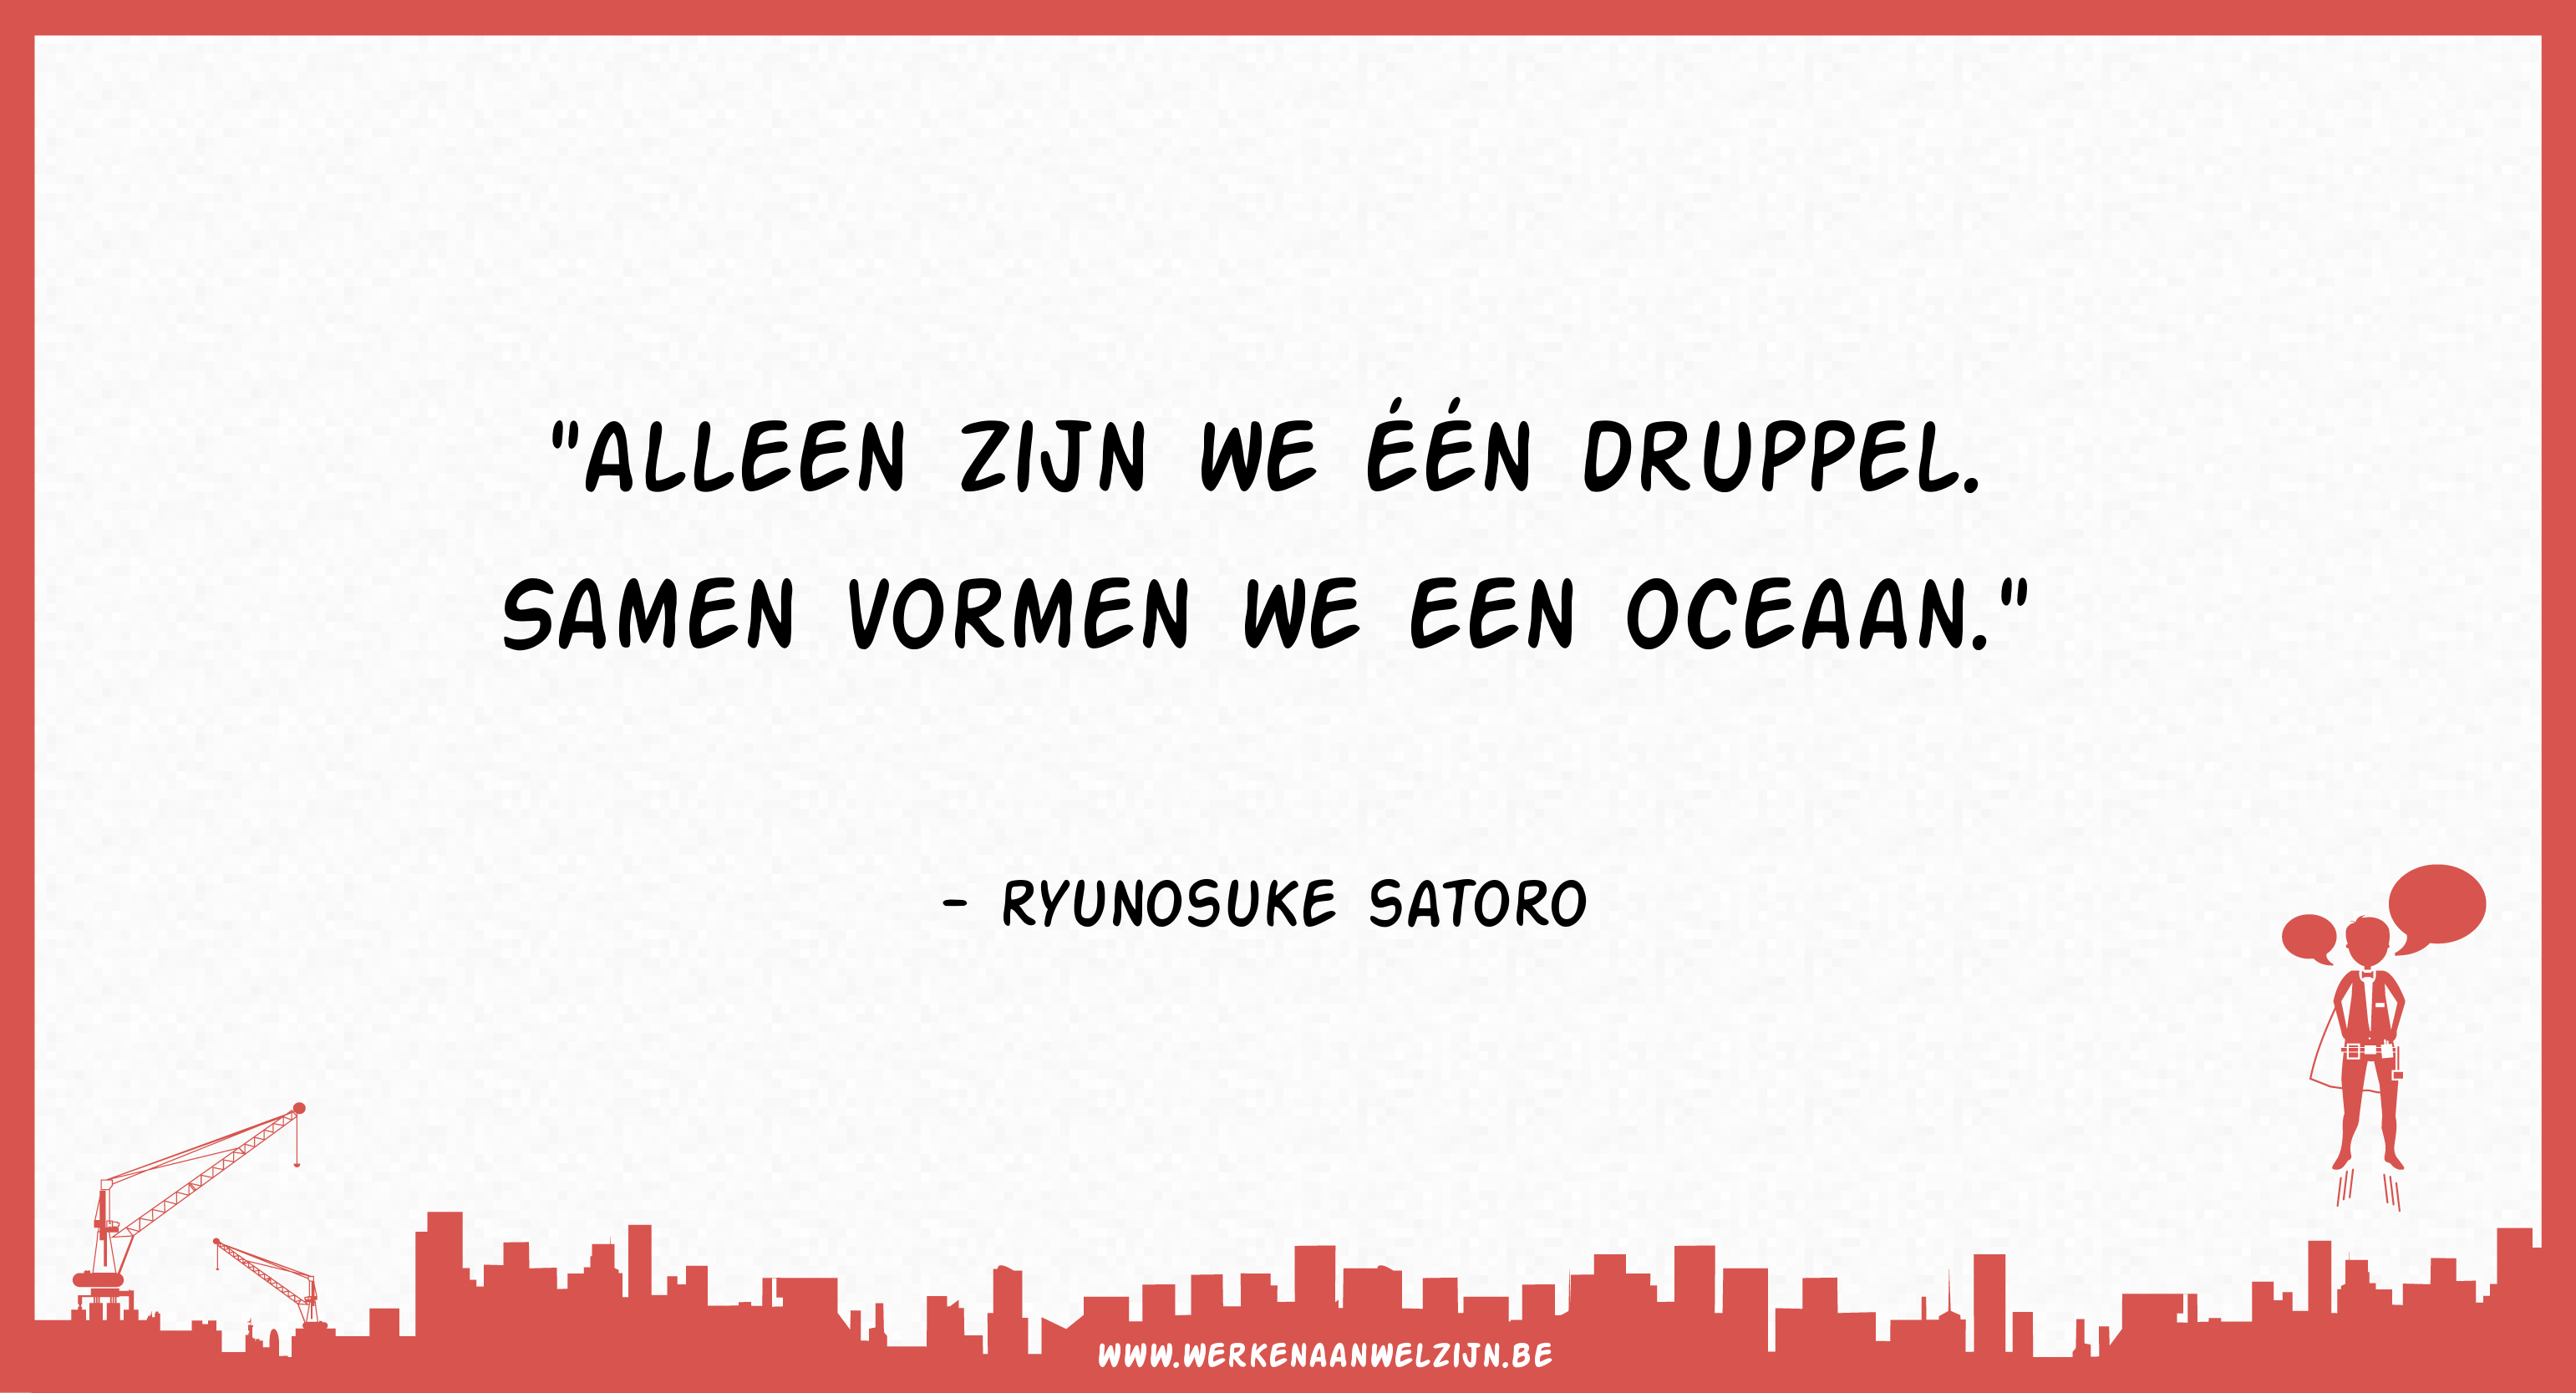 Aleen zijn we één druppel. Samen vormen we een oceaan. (Ryunosuke Satoro)